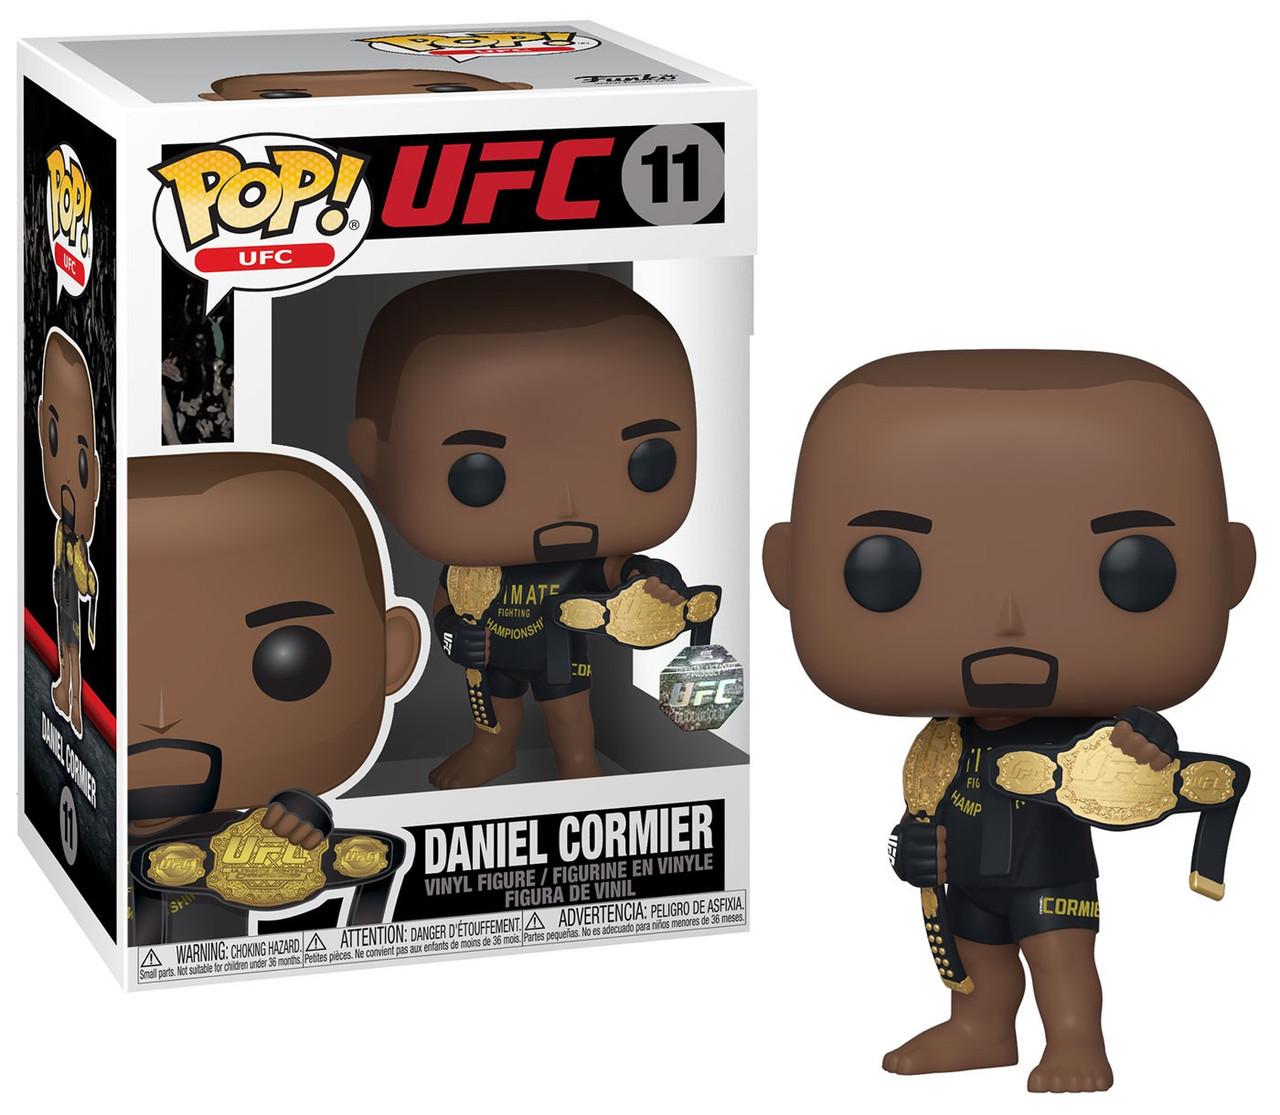 da collezione serie TV POP! UFC FUNKO Jose Aldo Serie, Wrestler Fighter